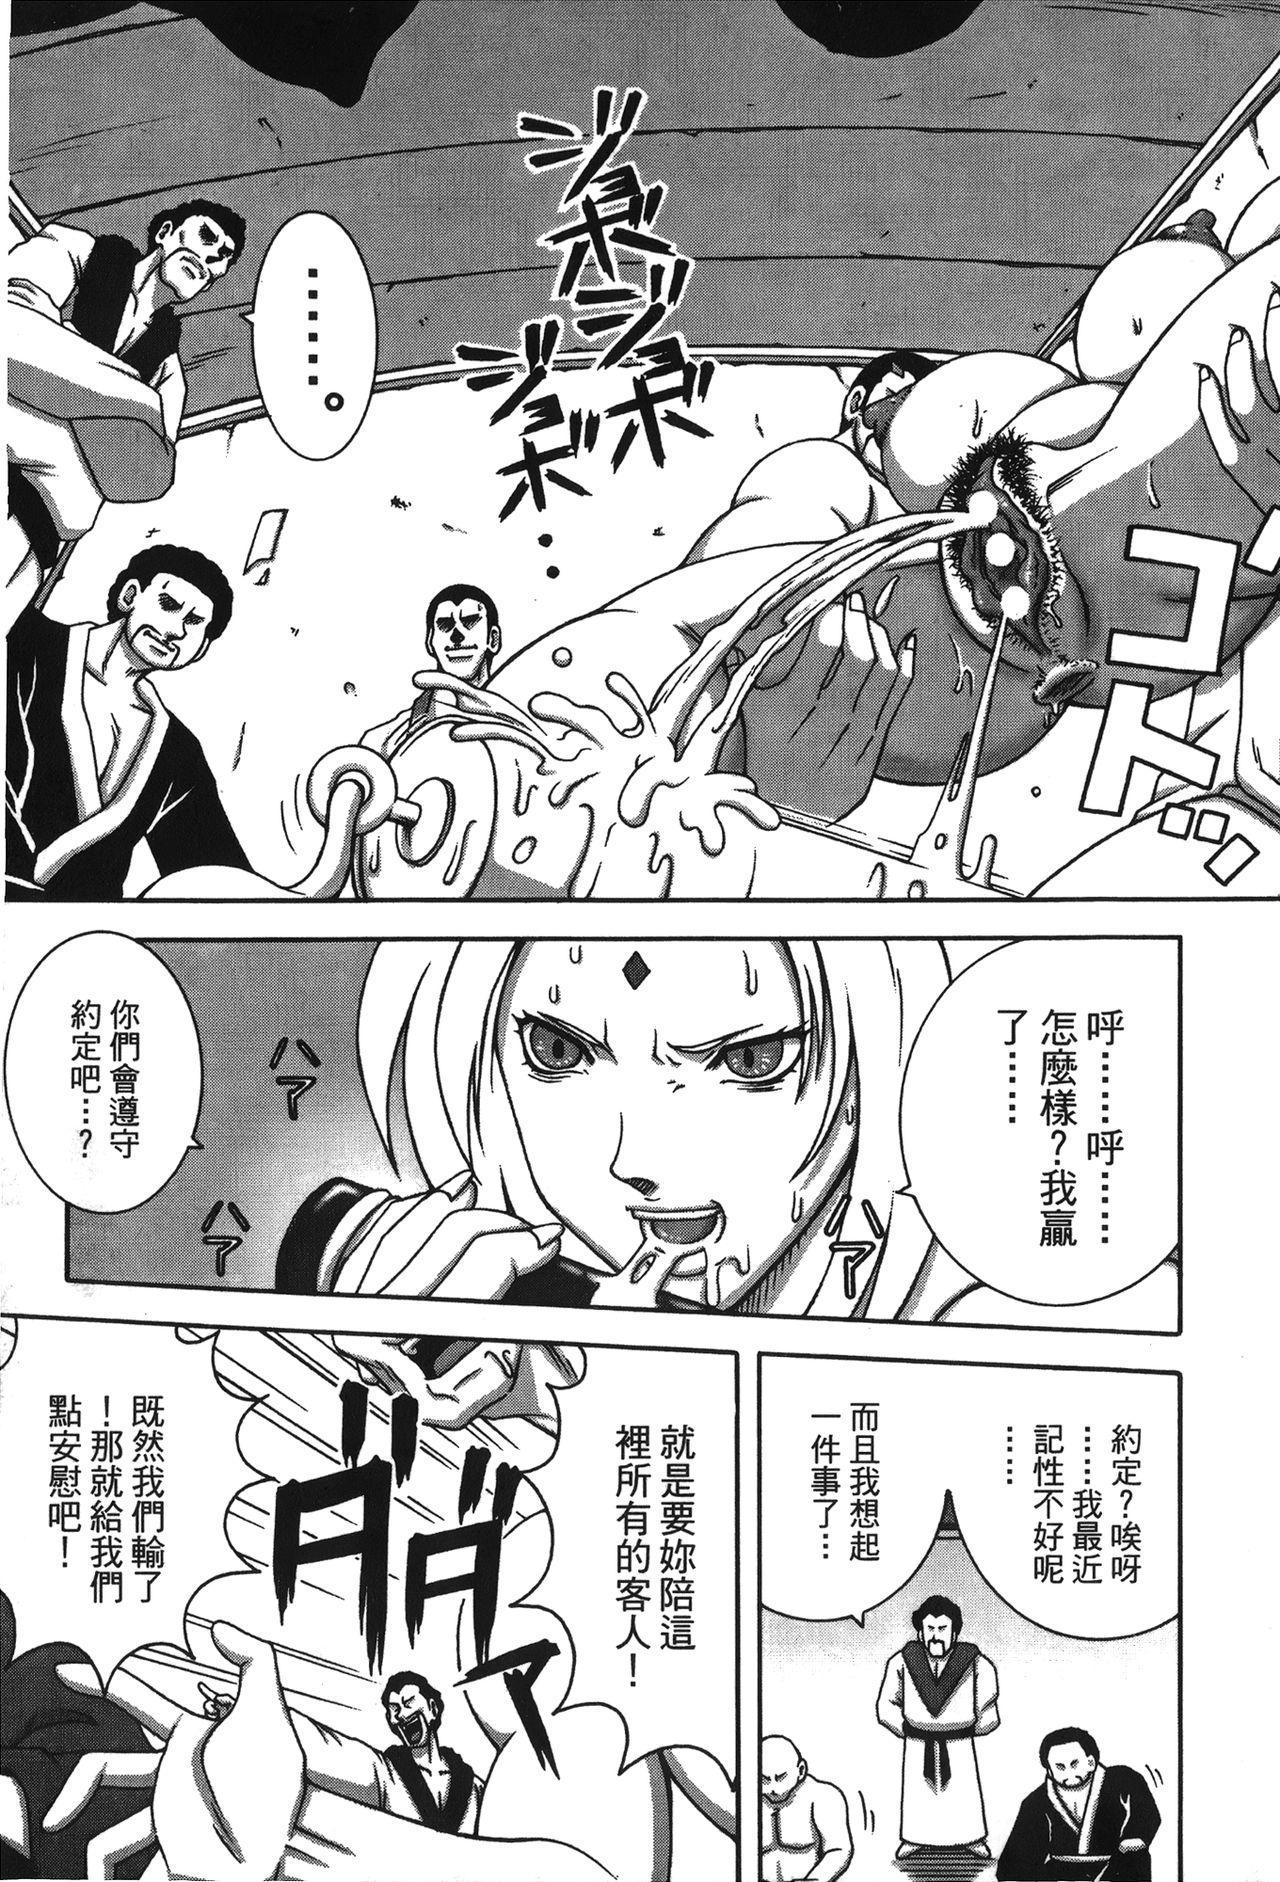 naruto ninja biography vol.02 11